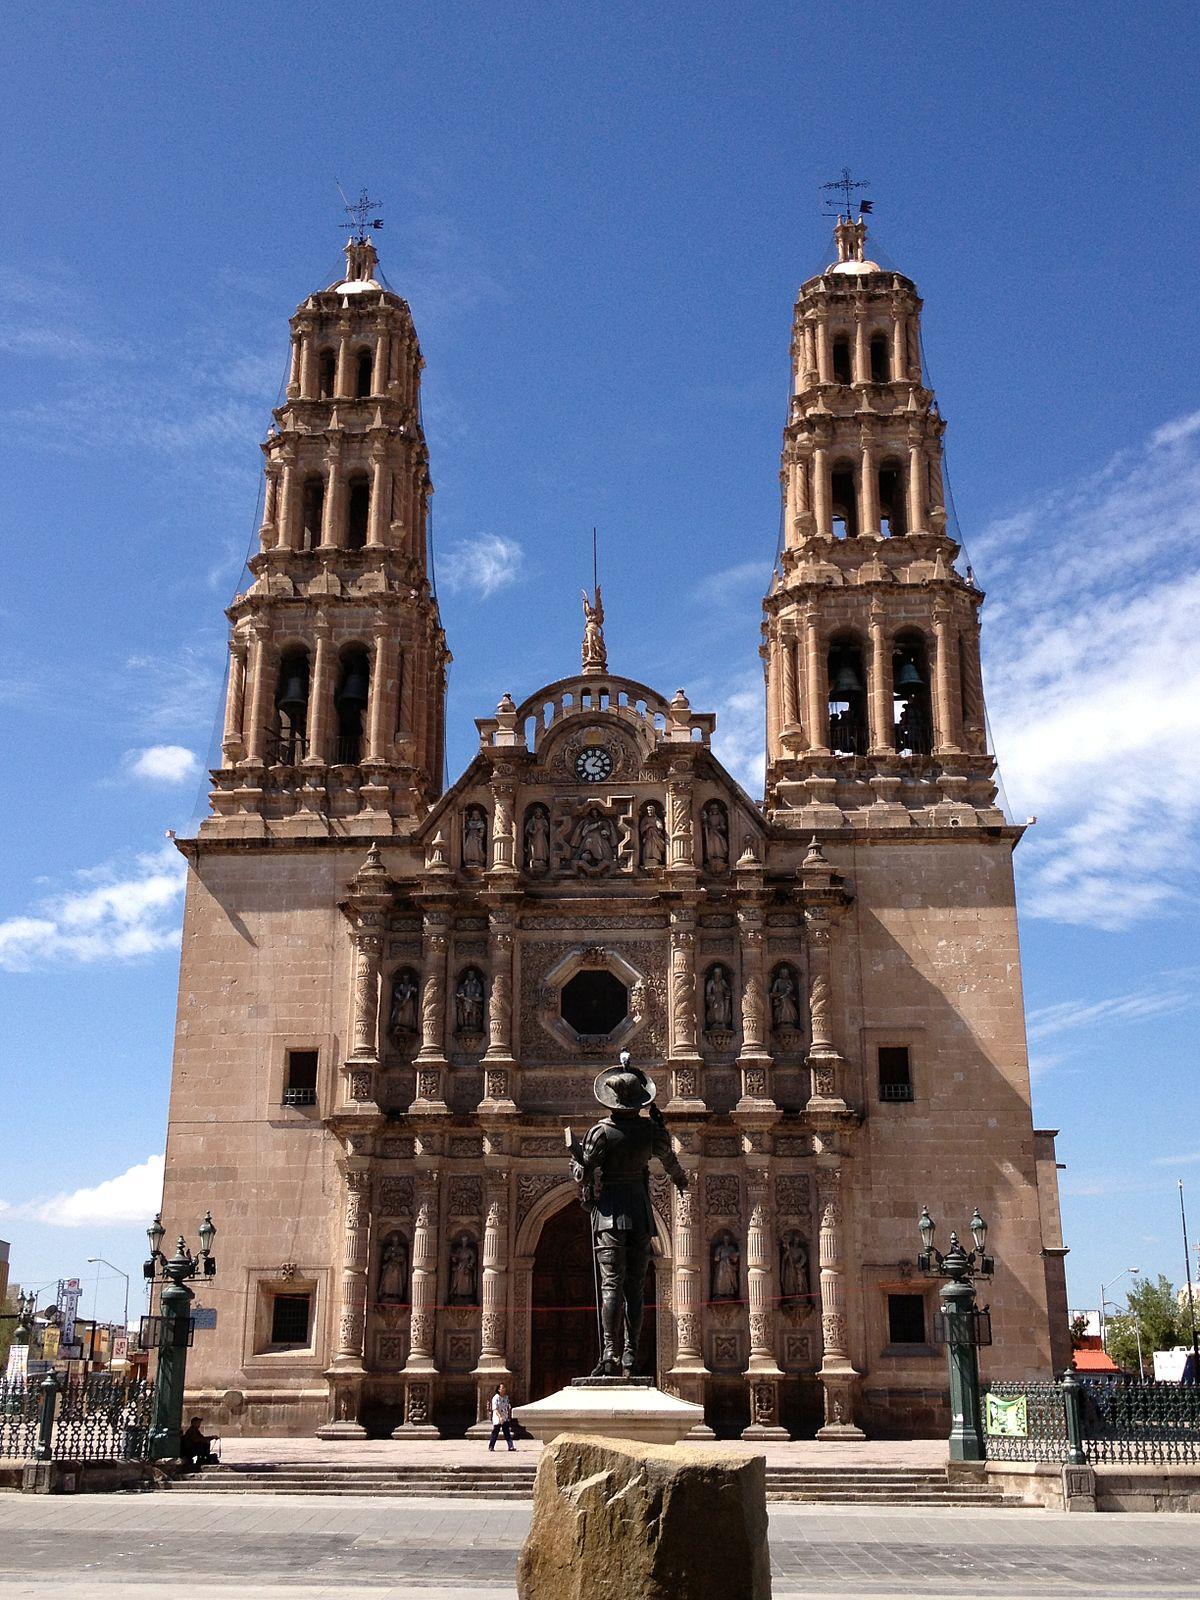 Arquidiócesis de Chihuahua - Wikipedia, la enciclopedia libre